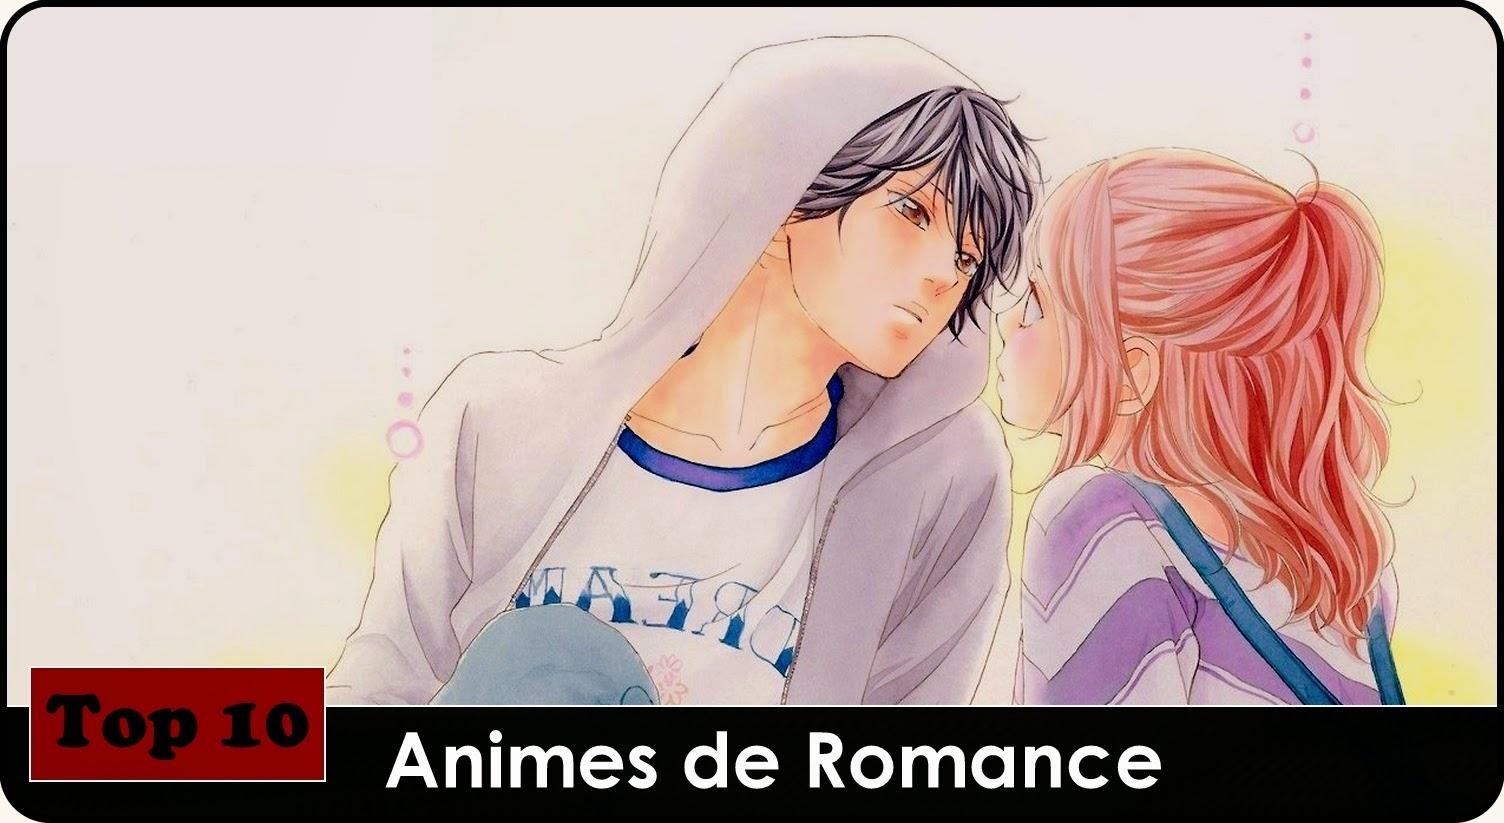 Top 10 Melhores Animes De Romance